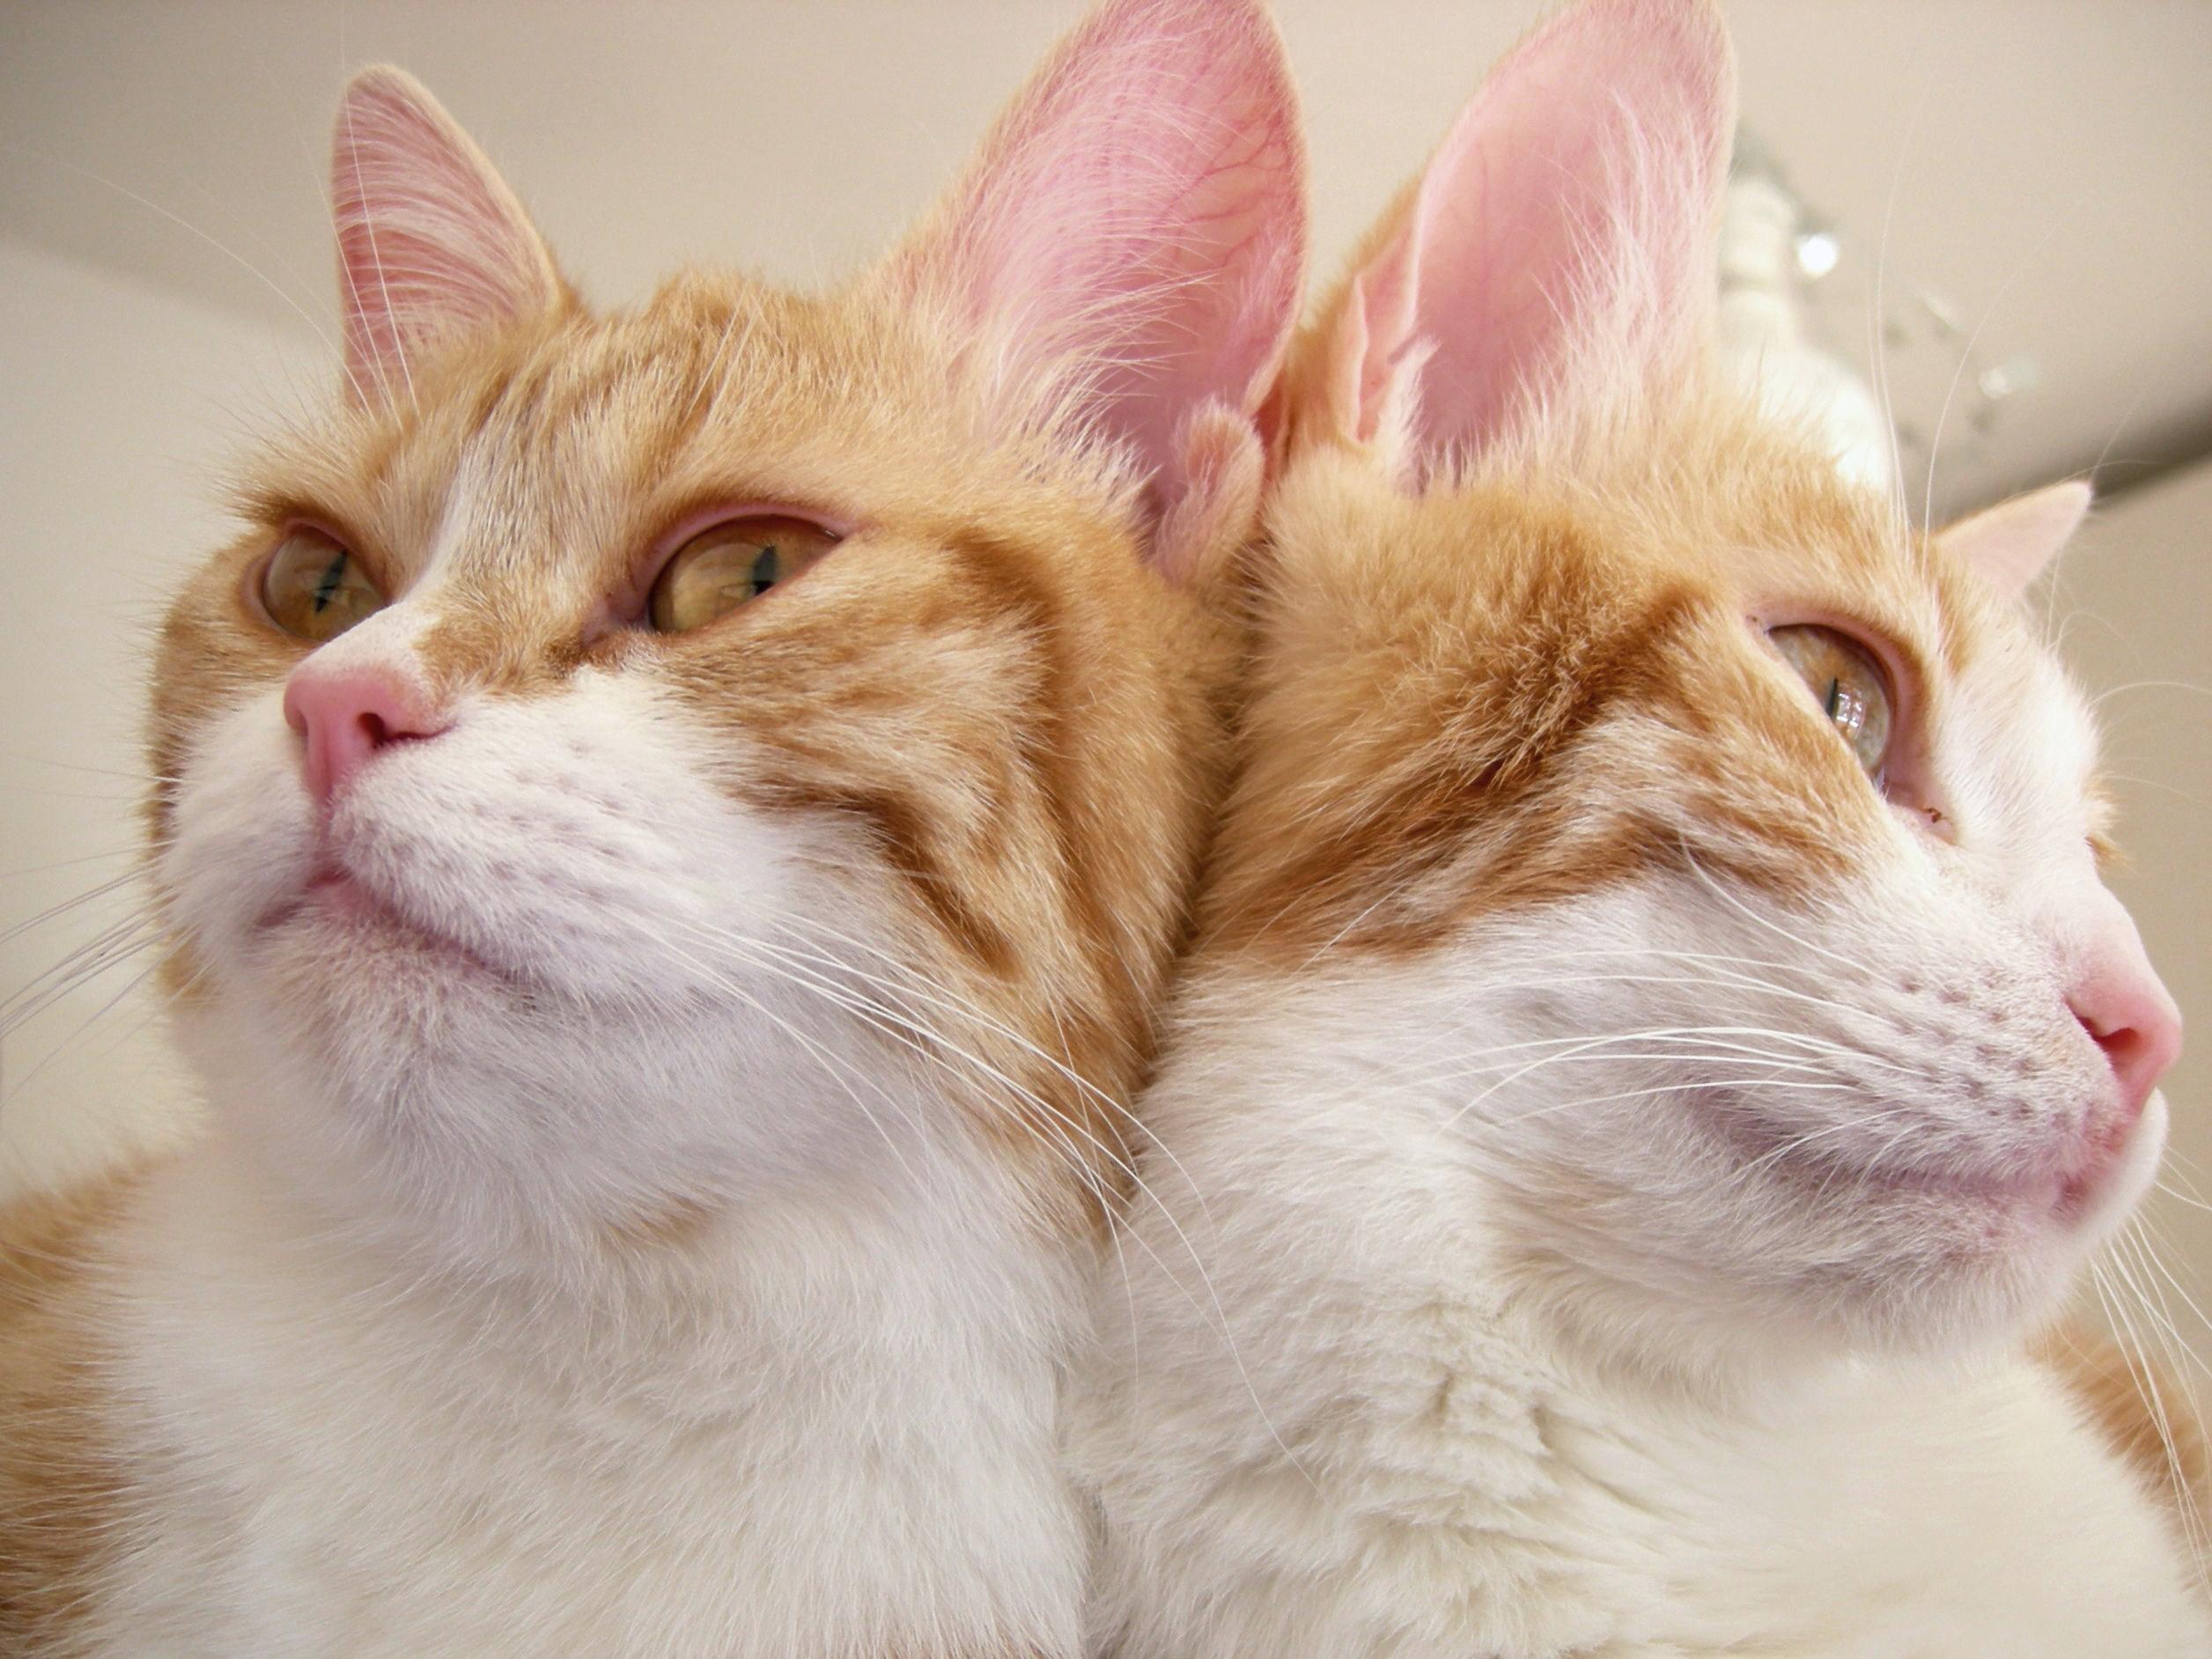 Прикольные картинки кошек сиамские близнецы